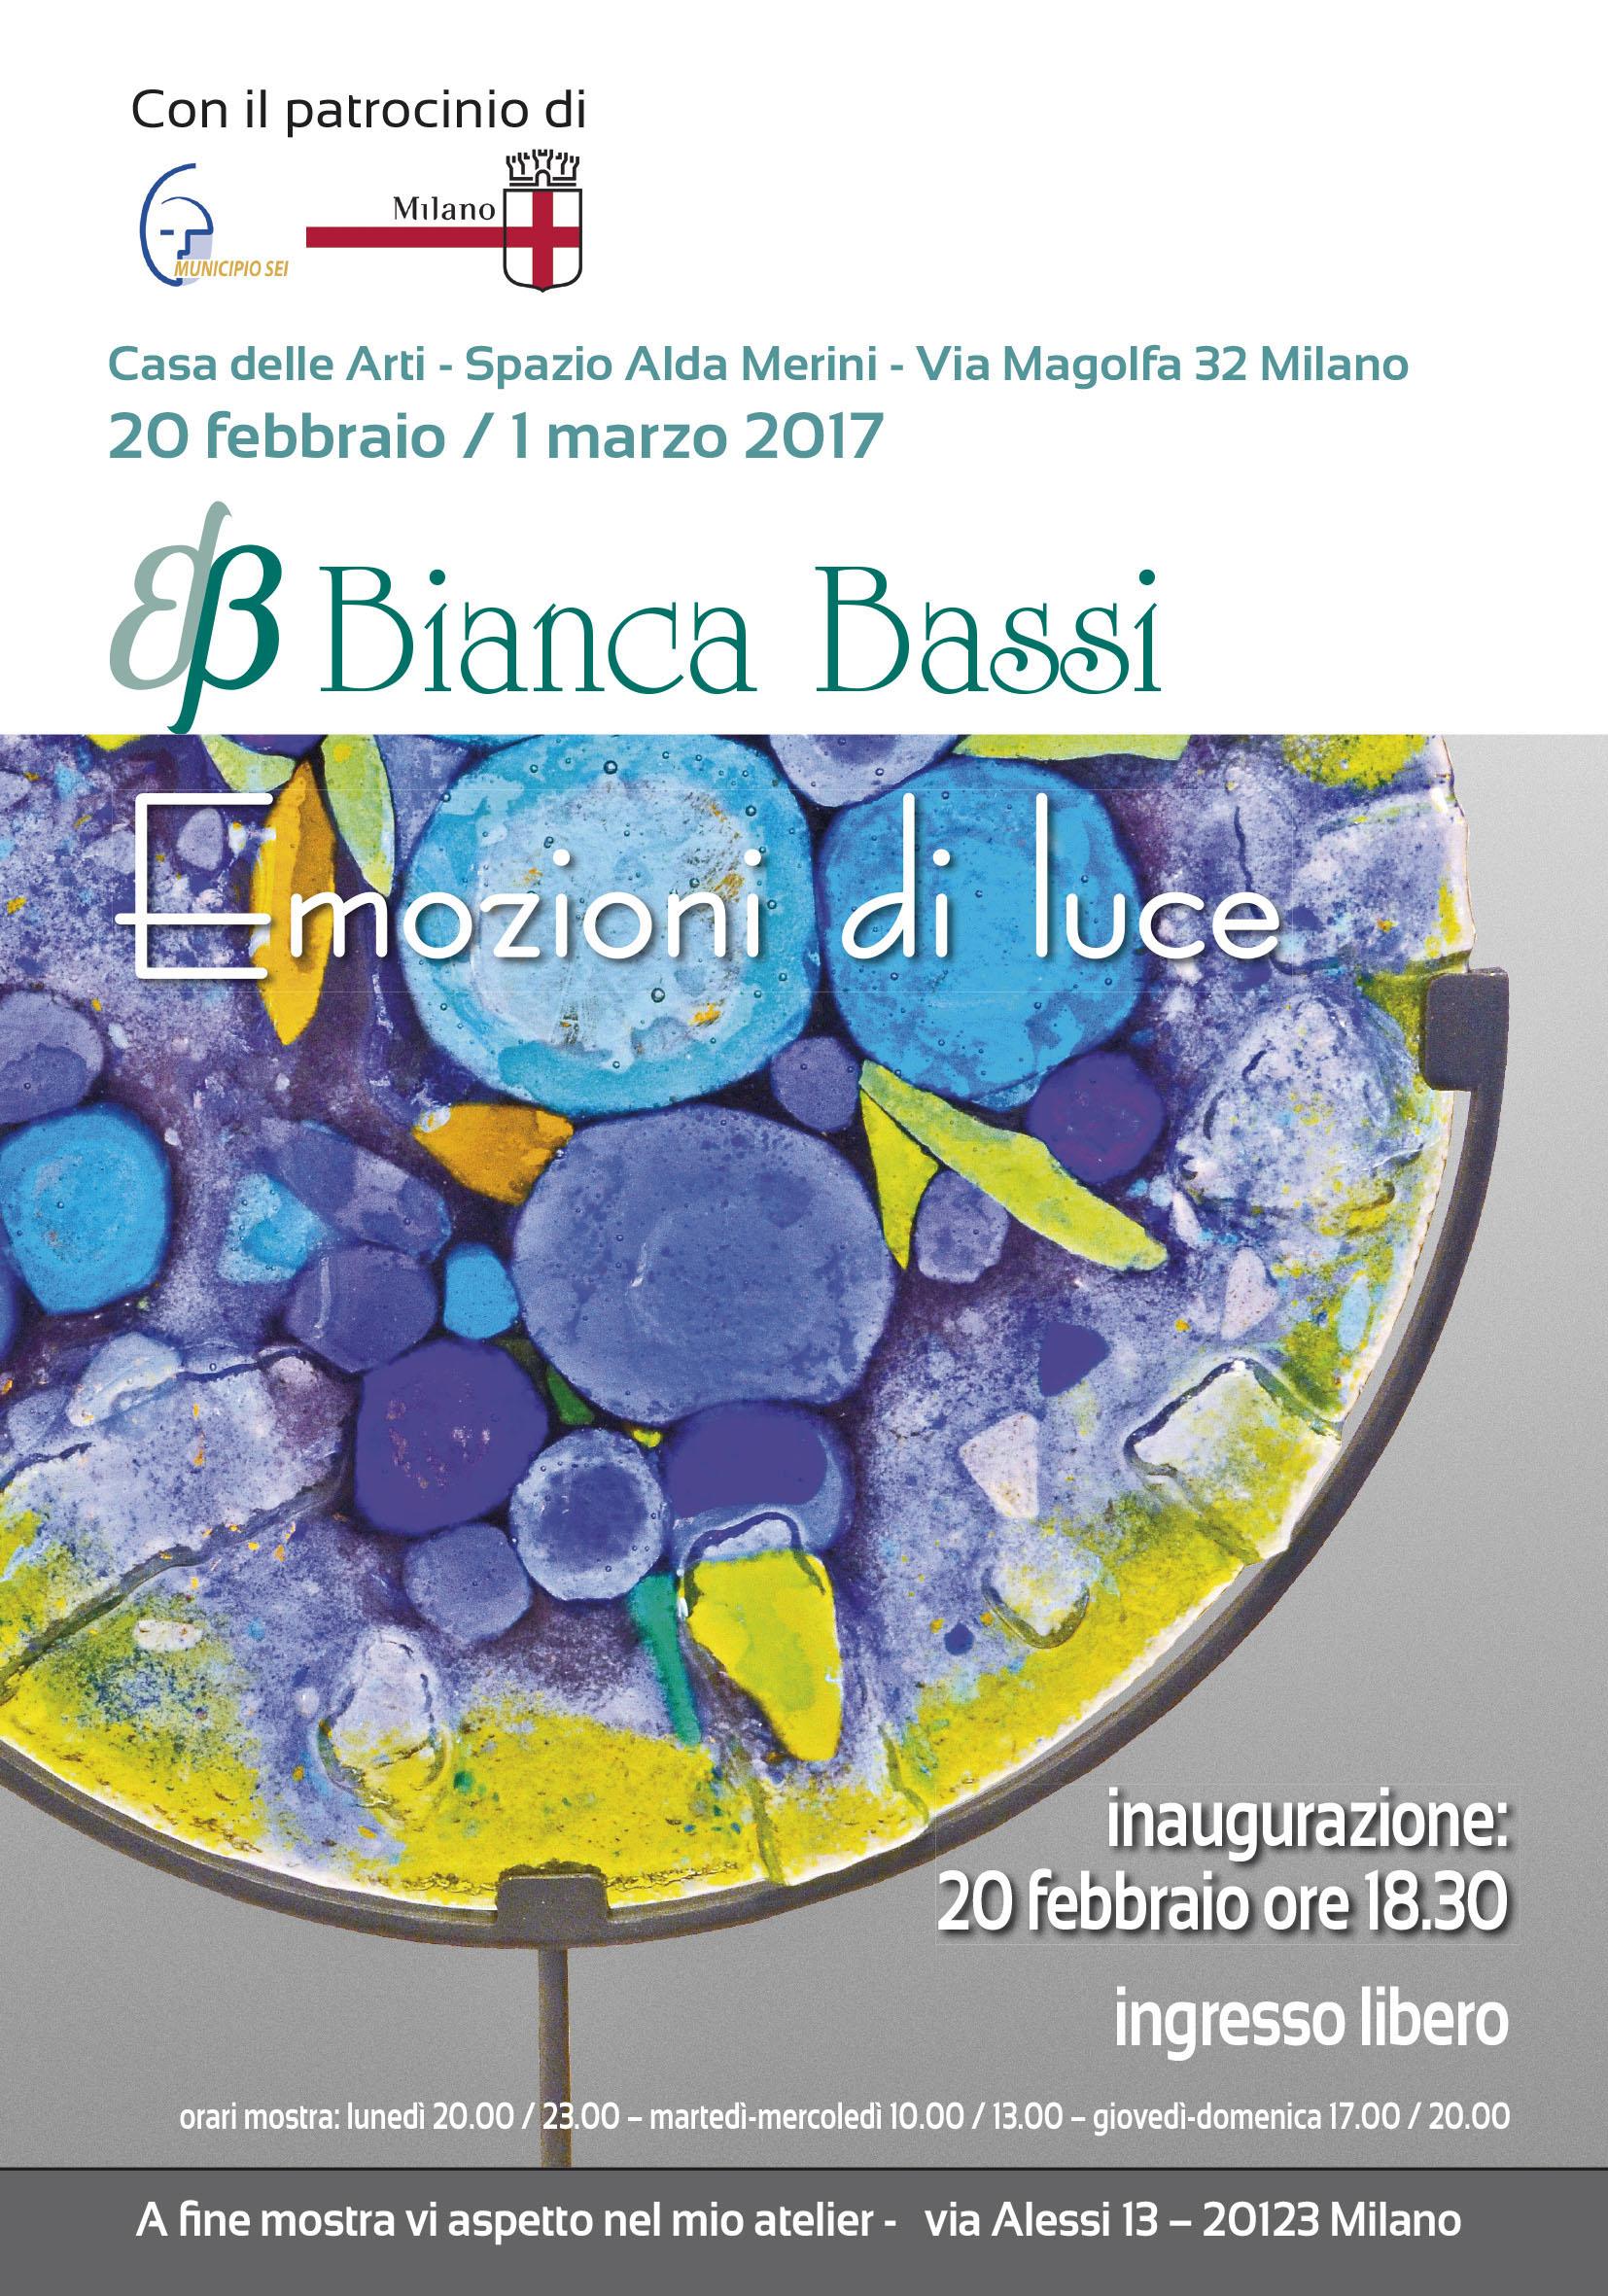 Bianca Bassi - EVENTI - 2017 - Spazio Alda Merini